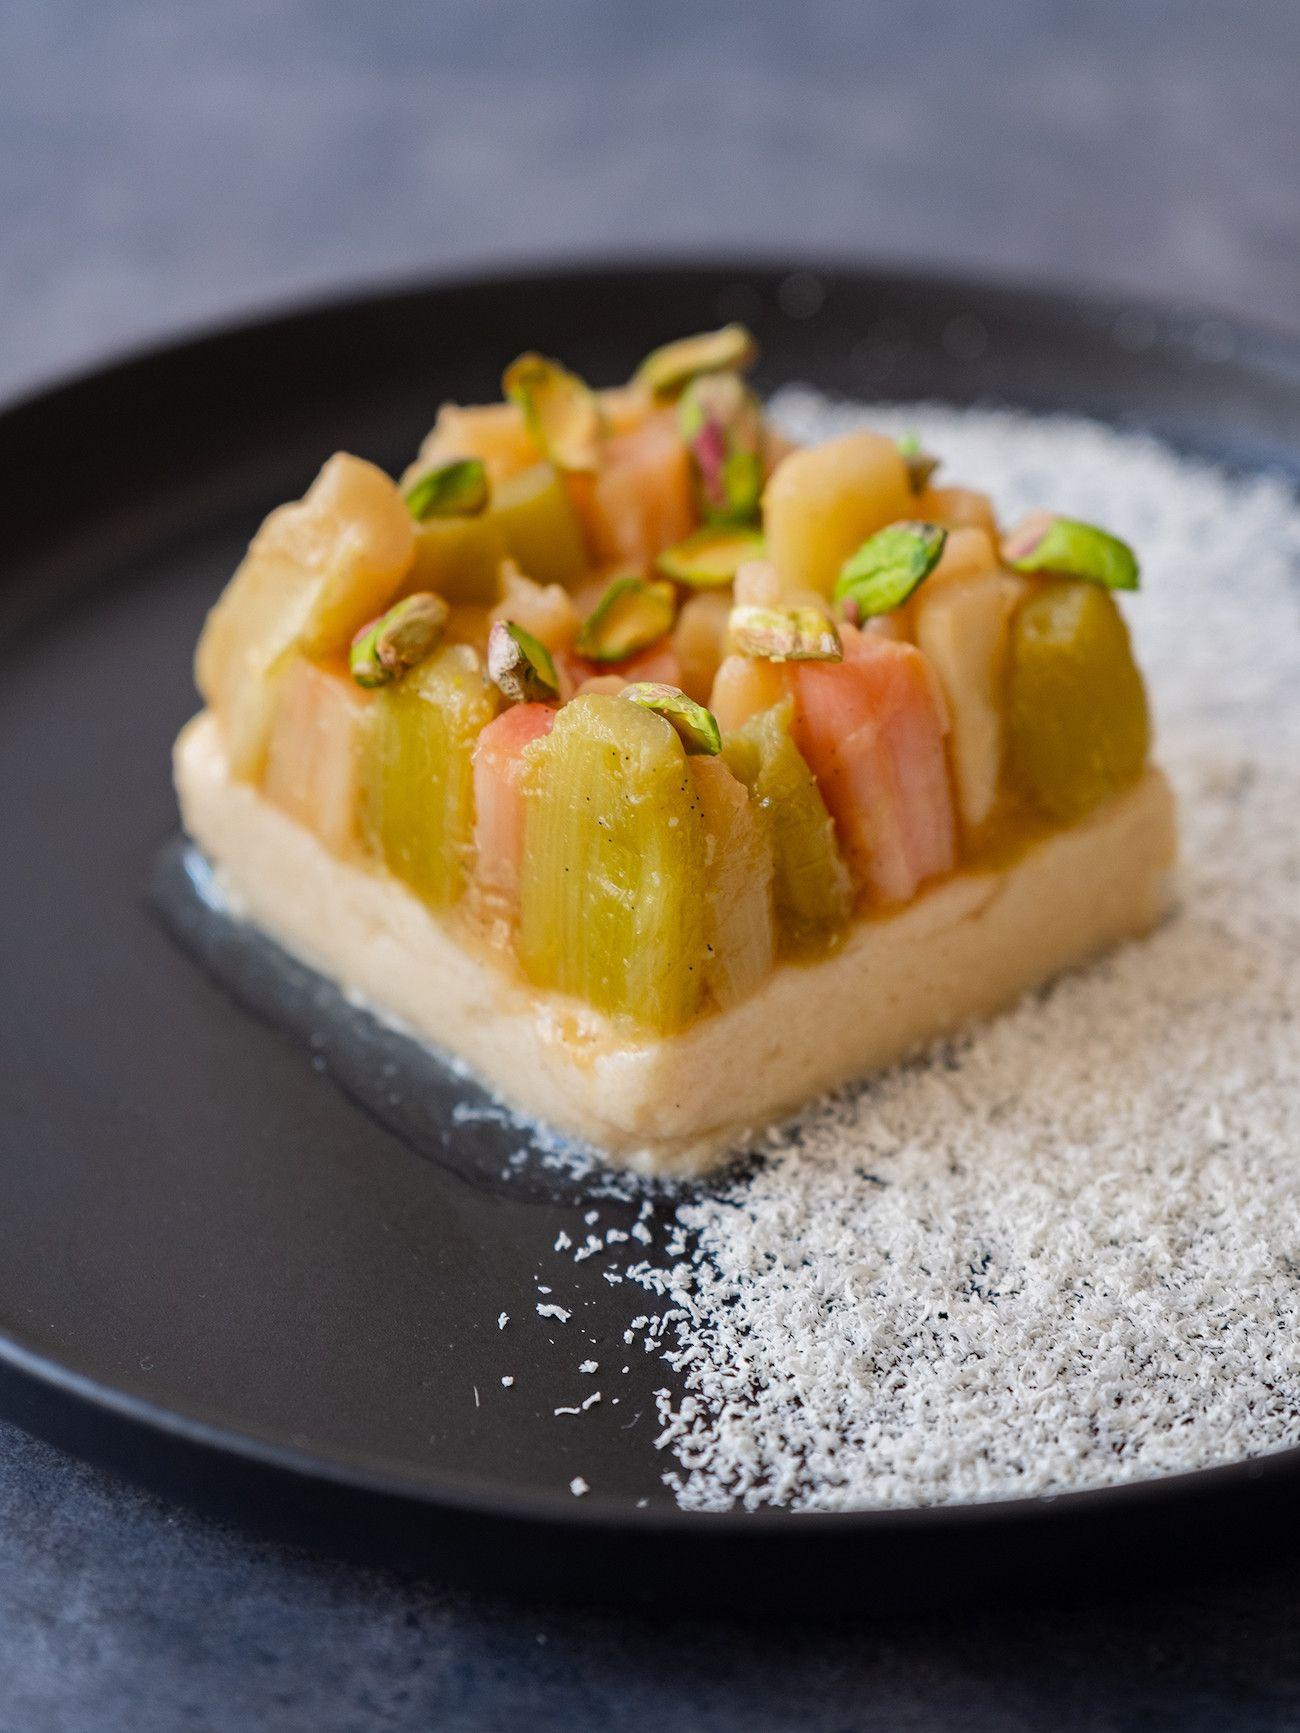 Foodblog About Fuel, Rezept Grießpudding Schnitte mit weißer Schokolade und Vanille-Rhabarber, Dessert